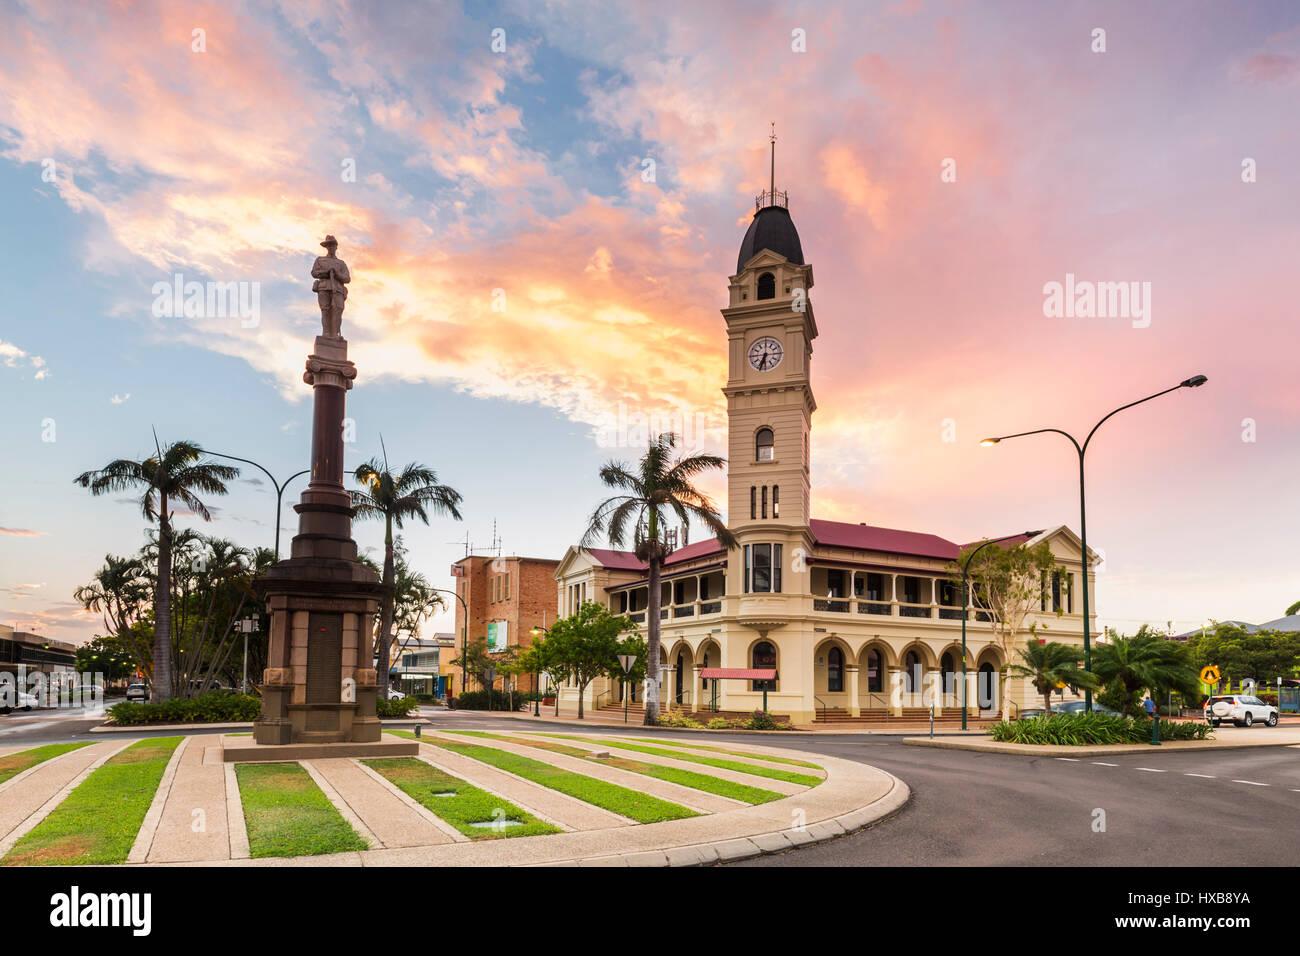 Vue du coucher de soleil du bureau de poste de Bundaberg et tour de l'horloge. Bundaberg, Queensland, Australie Photo Stock